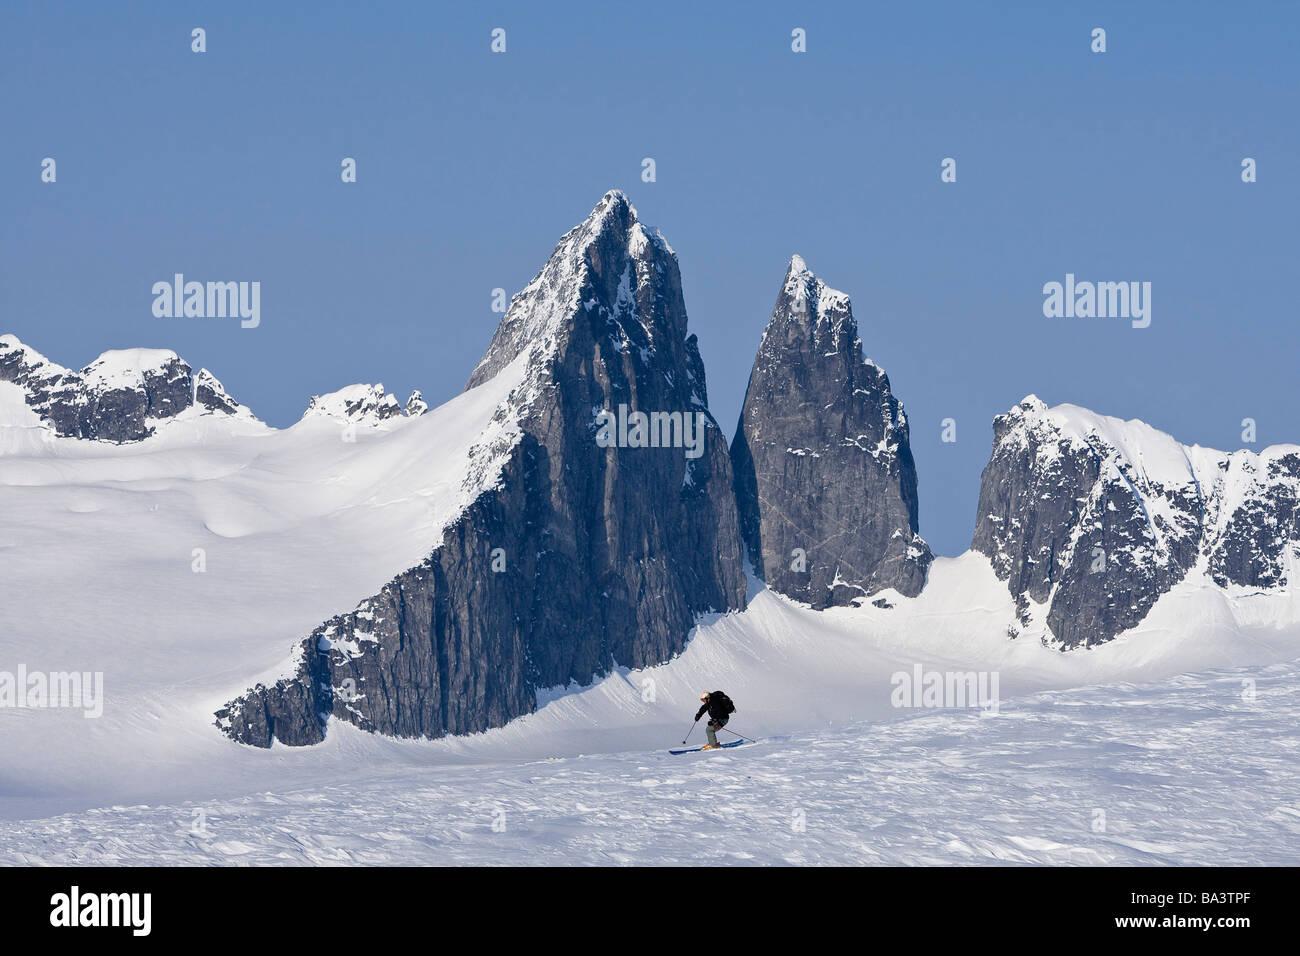 La skieuse alpine ski sur le champ de glace Juneau et Rhino pic dans l'arrière-plan dans le sud de l'Alaska. Photo Stock